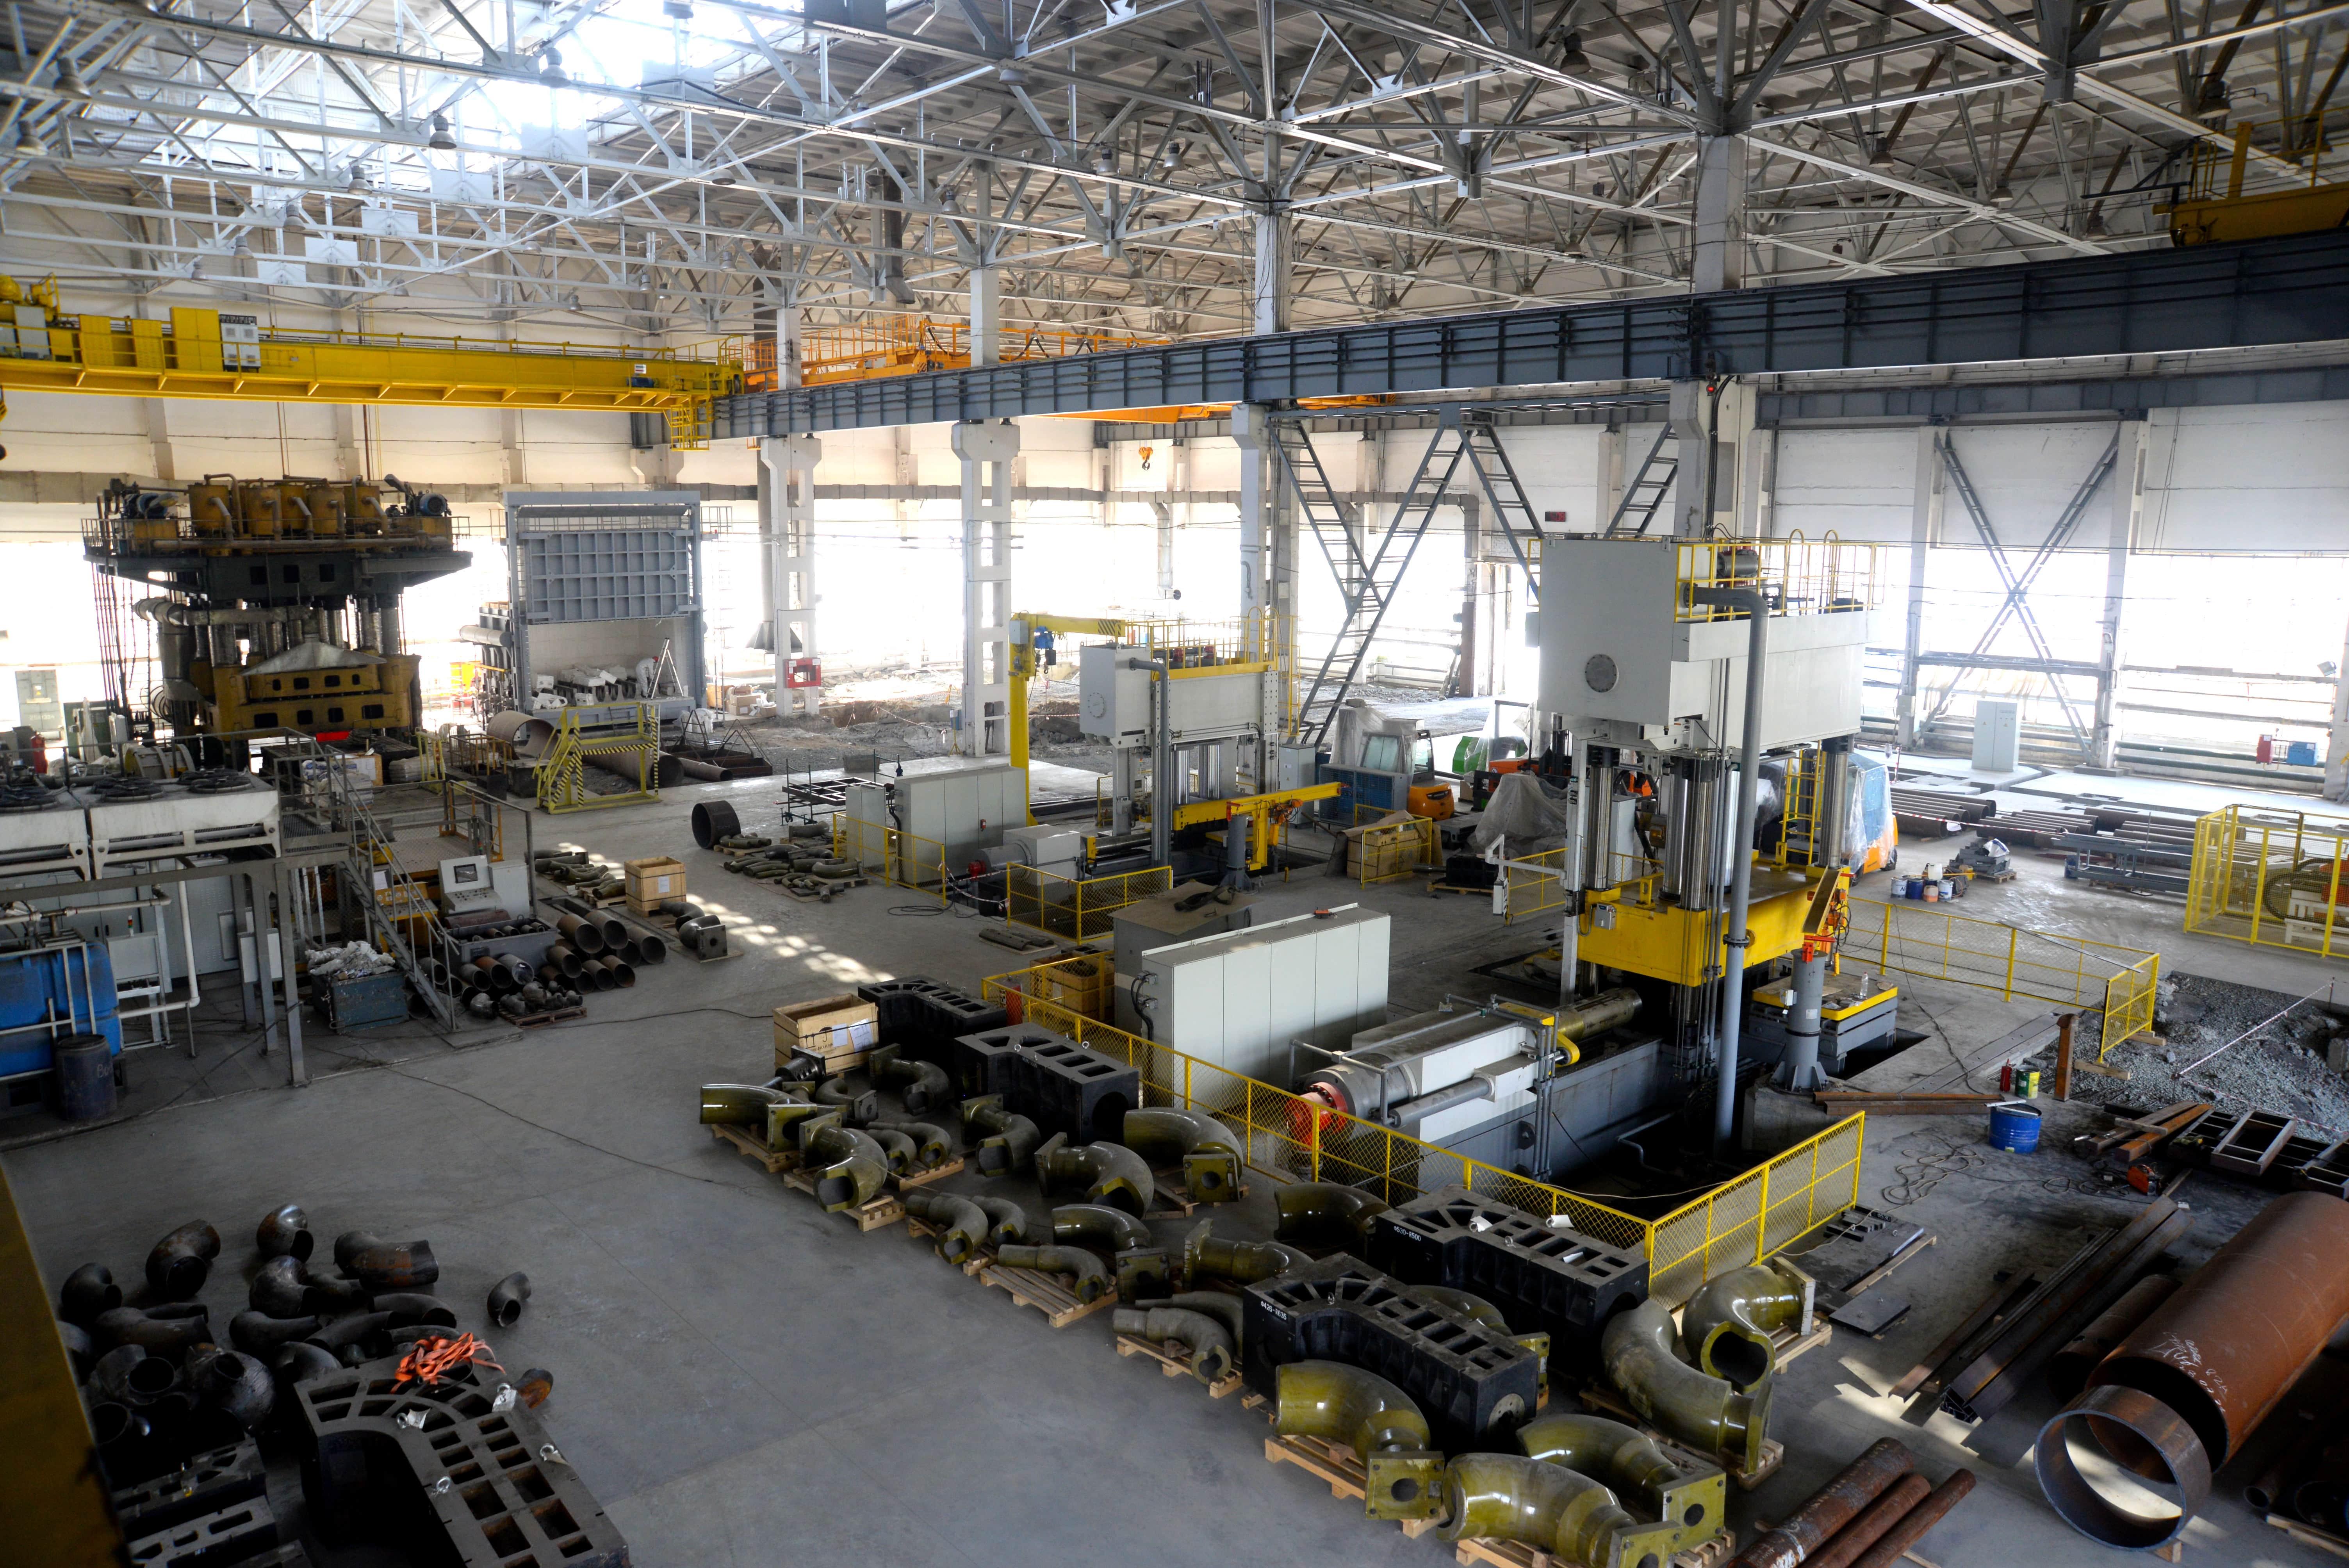 ОМК инвестирует 3 млрд рублей в техническое перевооружение своего завода в Челябинске